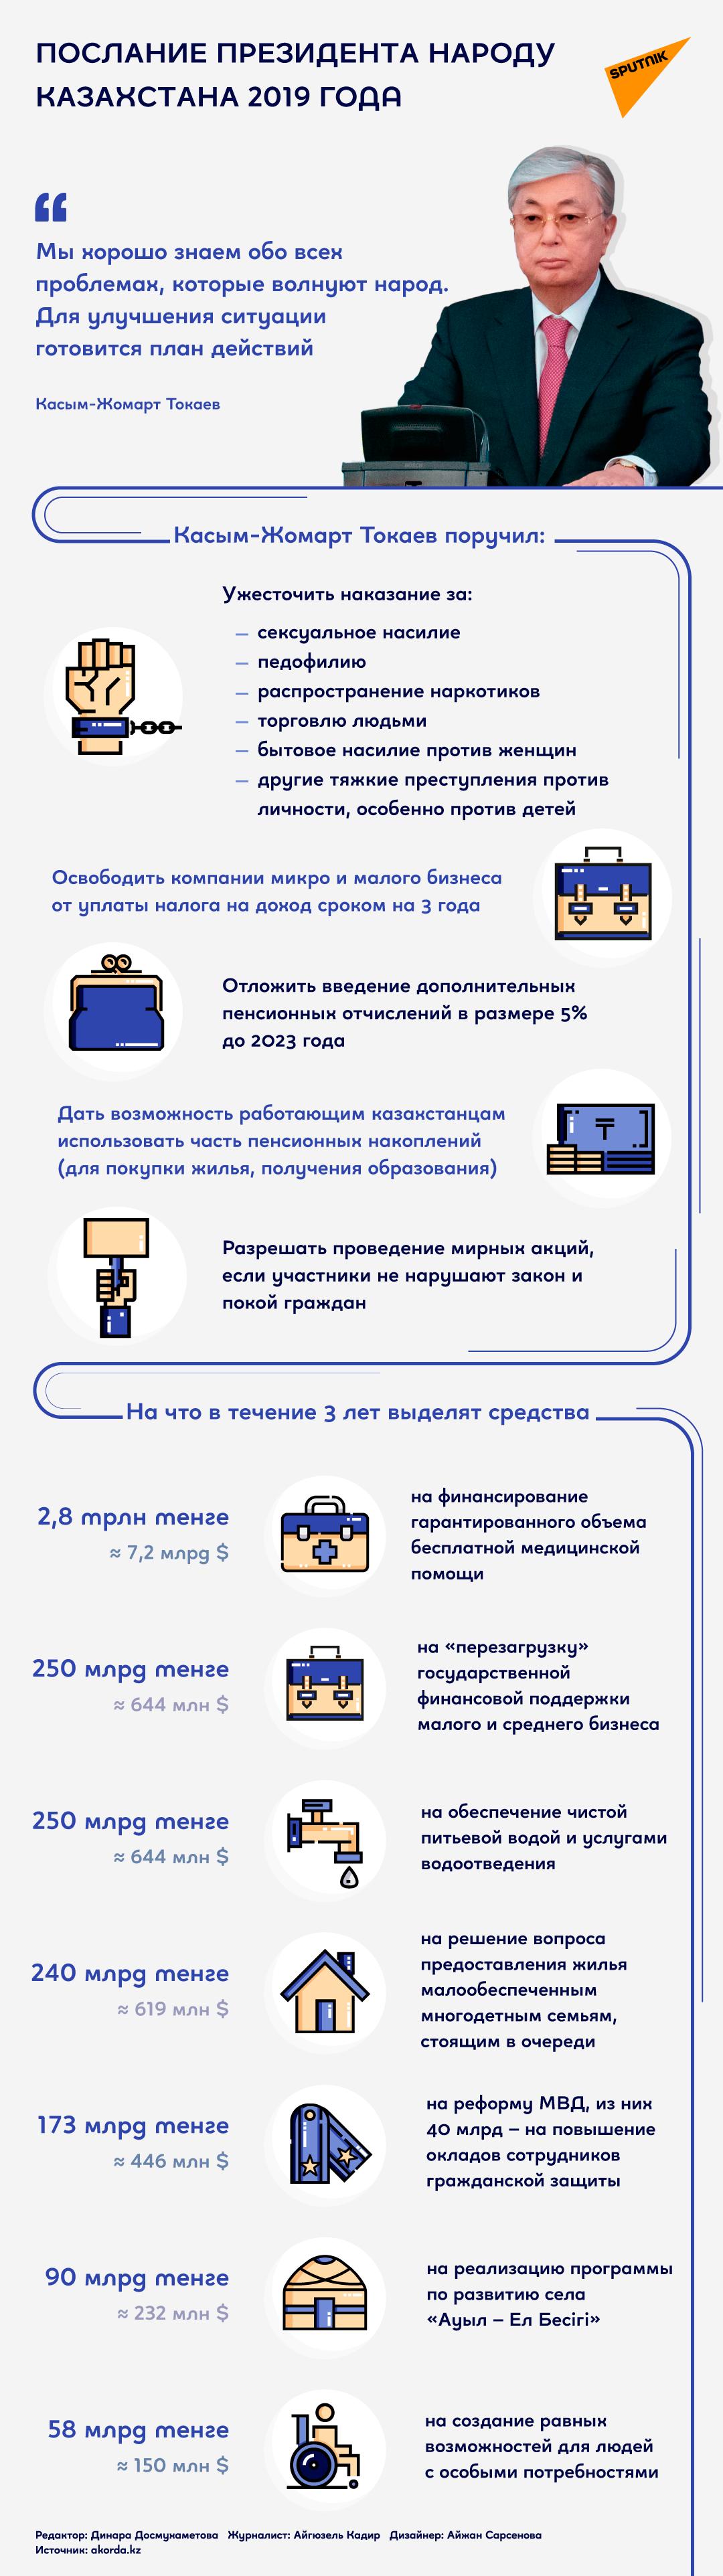 Послание Касым-Жомарта Токаева в цифрах – поручения и реформы